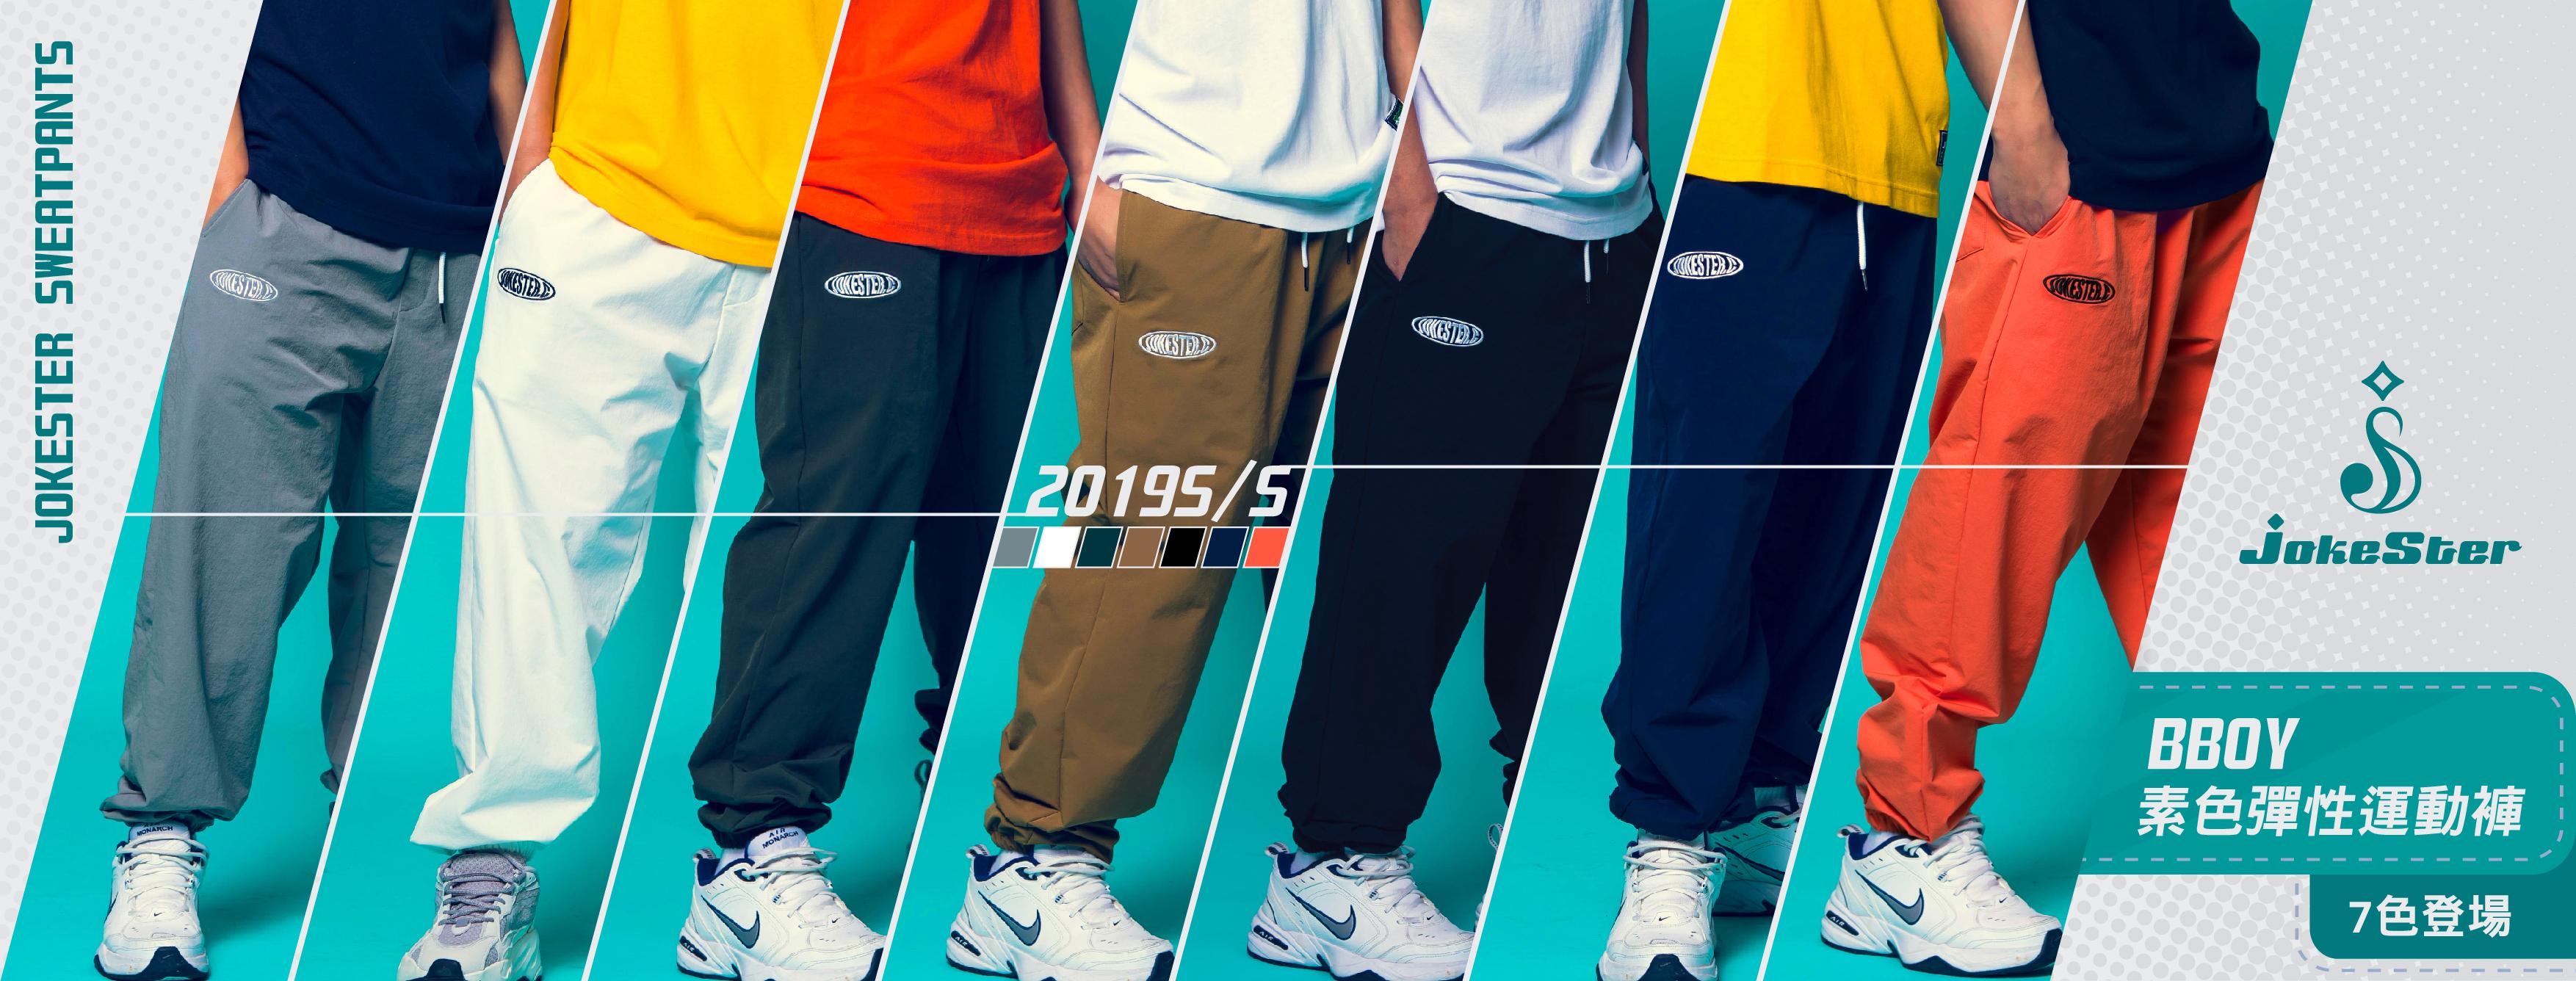 男裝,運動褲,運動服飾,潮流,潮牌,街頭,穿搭